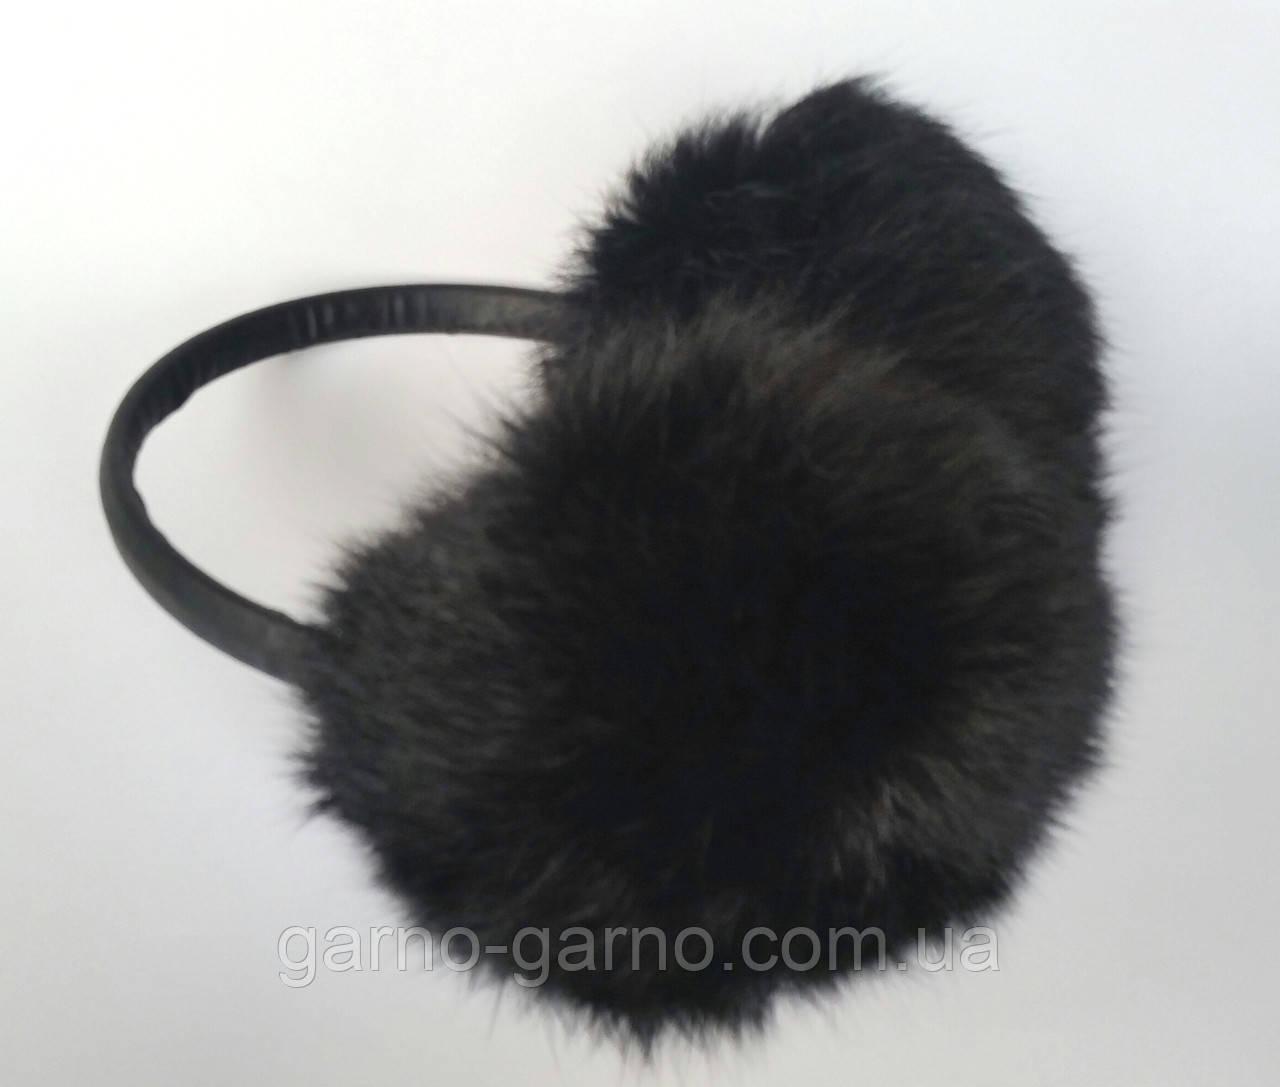 Наушники меховые Зимние кролик Черный цвет  продажа 9e07ba0748329